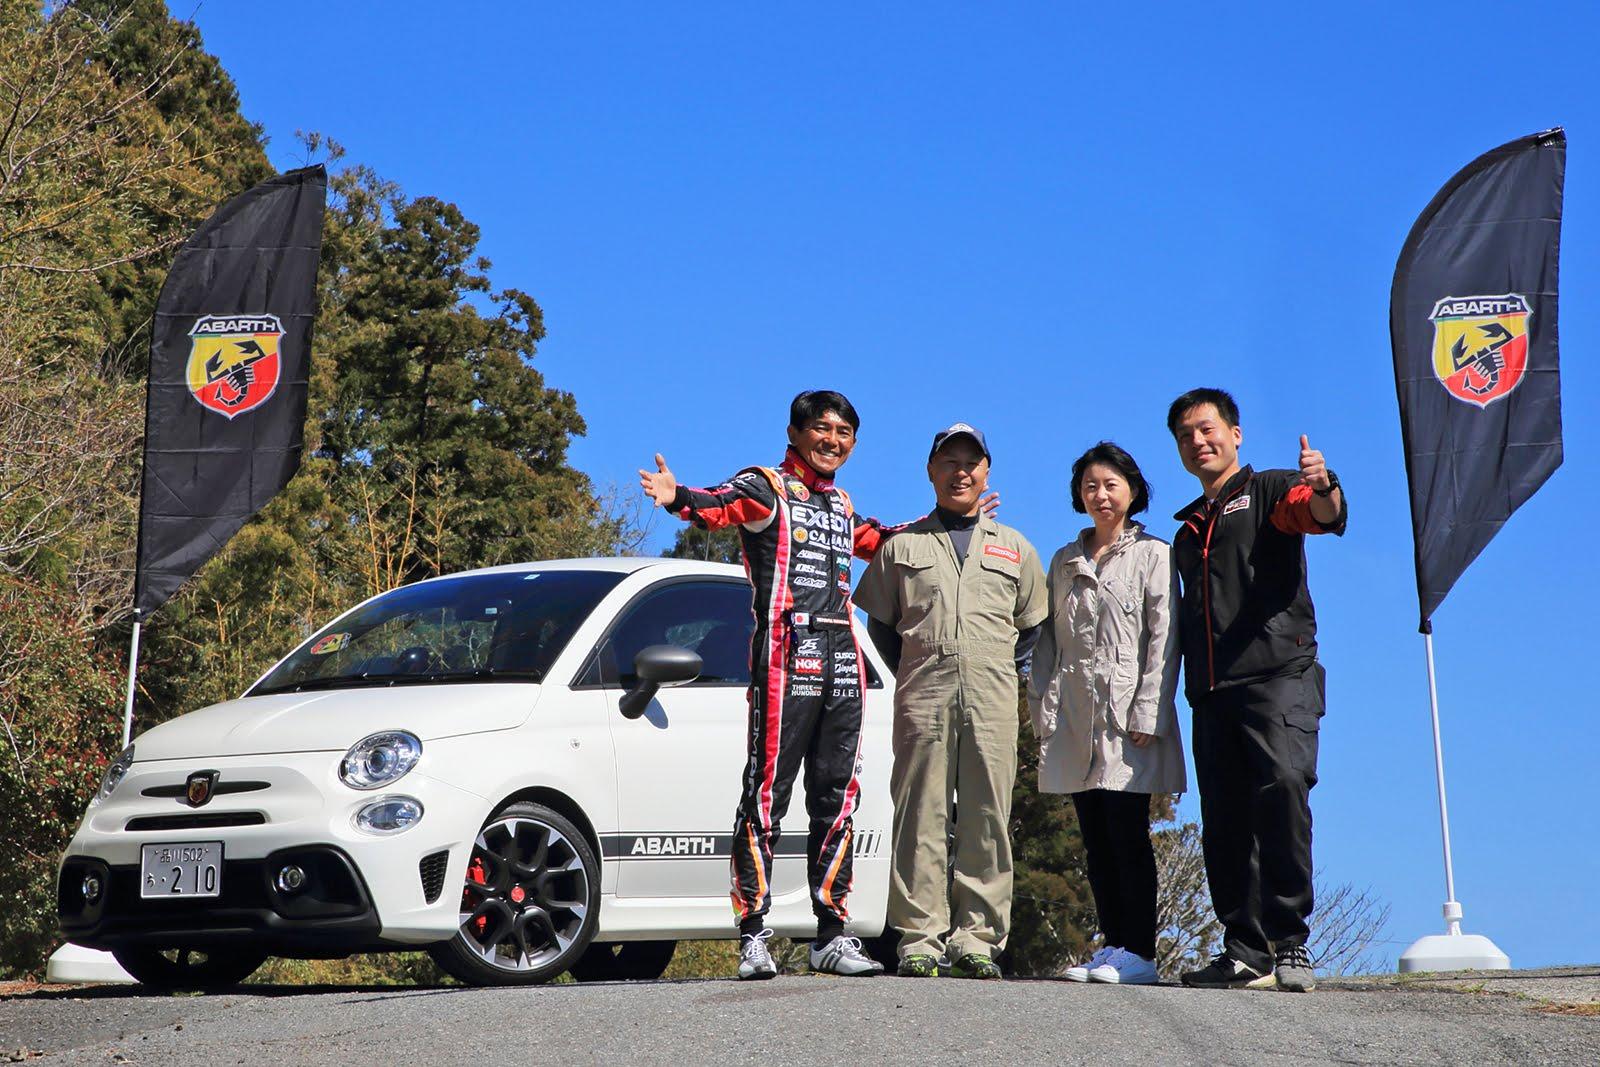 運転は必ずうまくなる! 山野哲也選手直伝「これまでのドライビングを超えられるか」